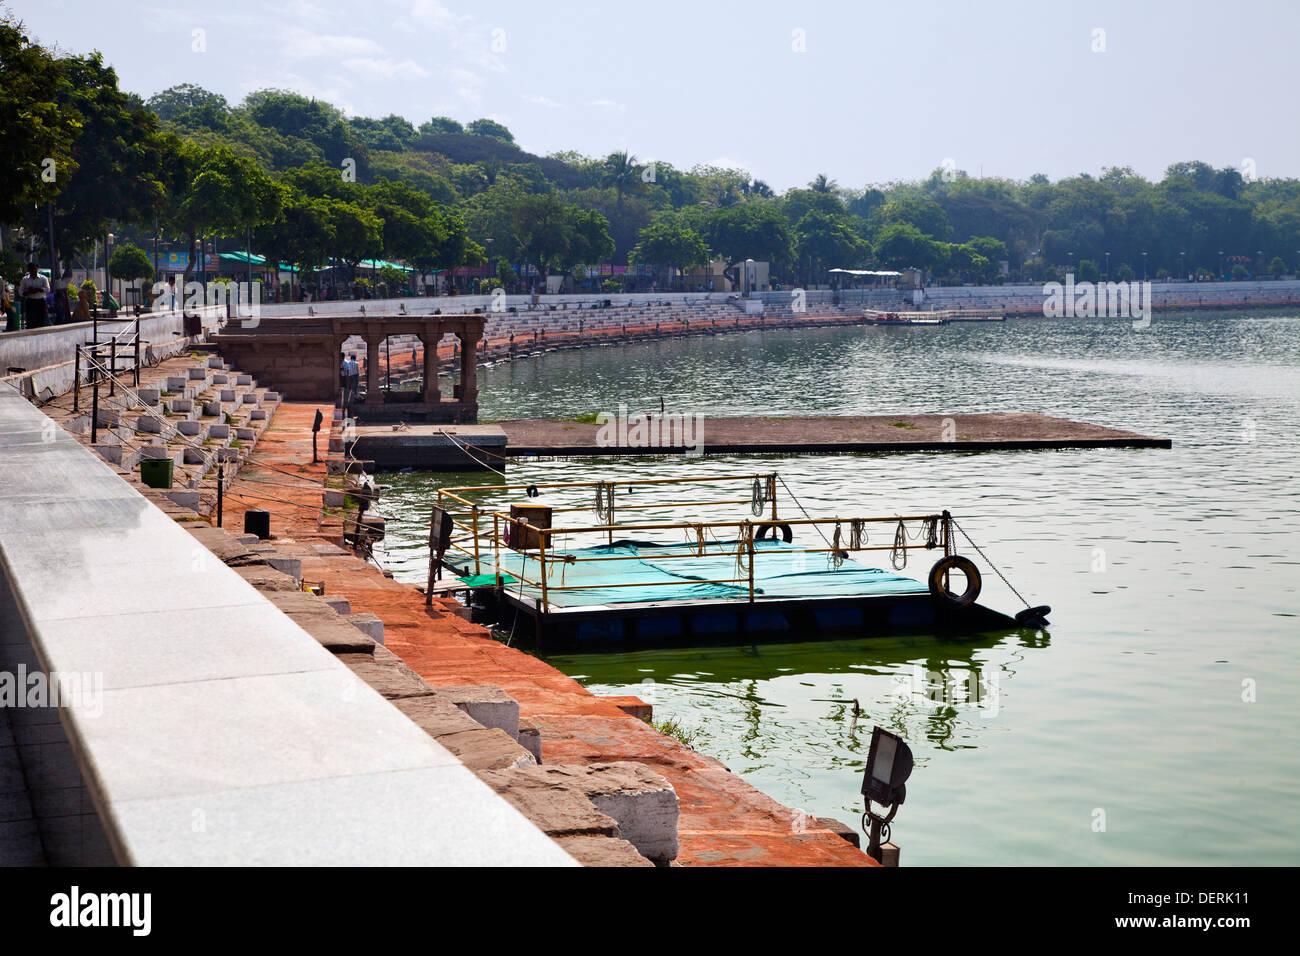 Pier at the lake, Kankaria Lake, Ahmedabad, Gujarat, India - Stock Image